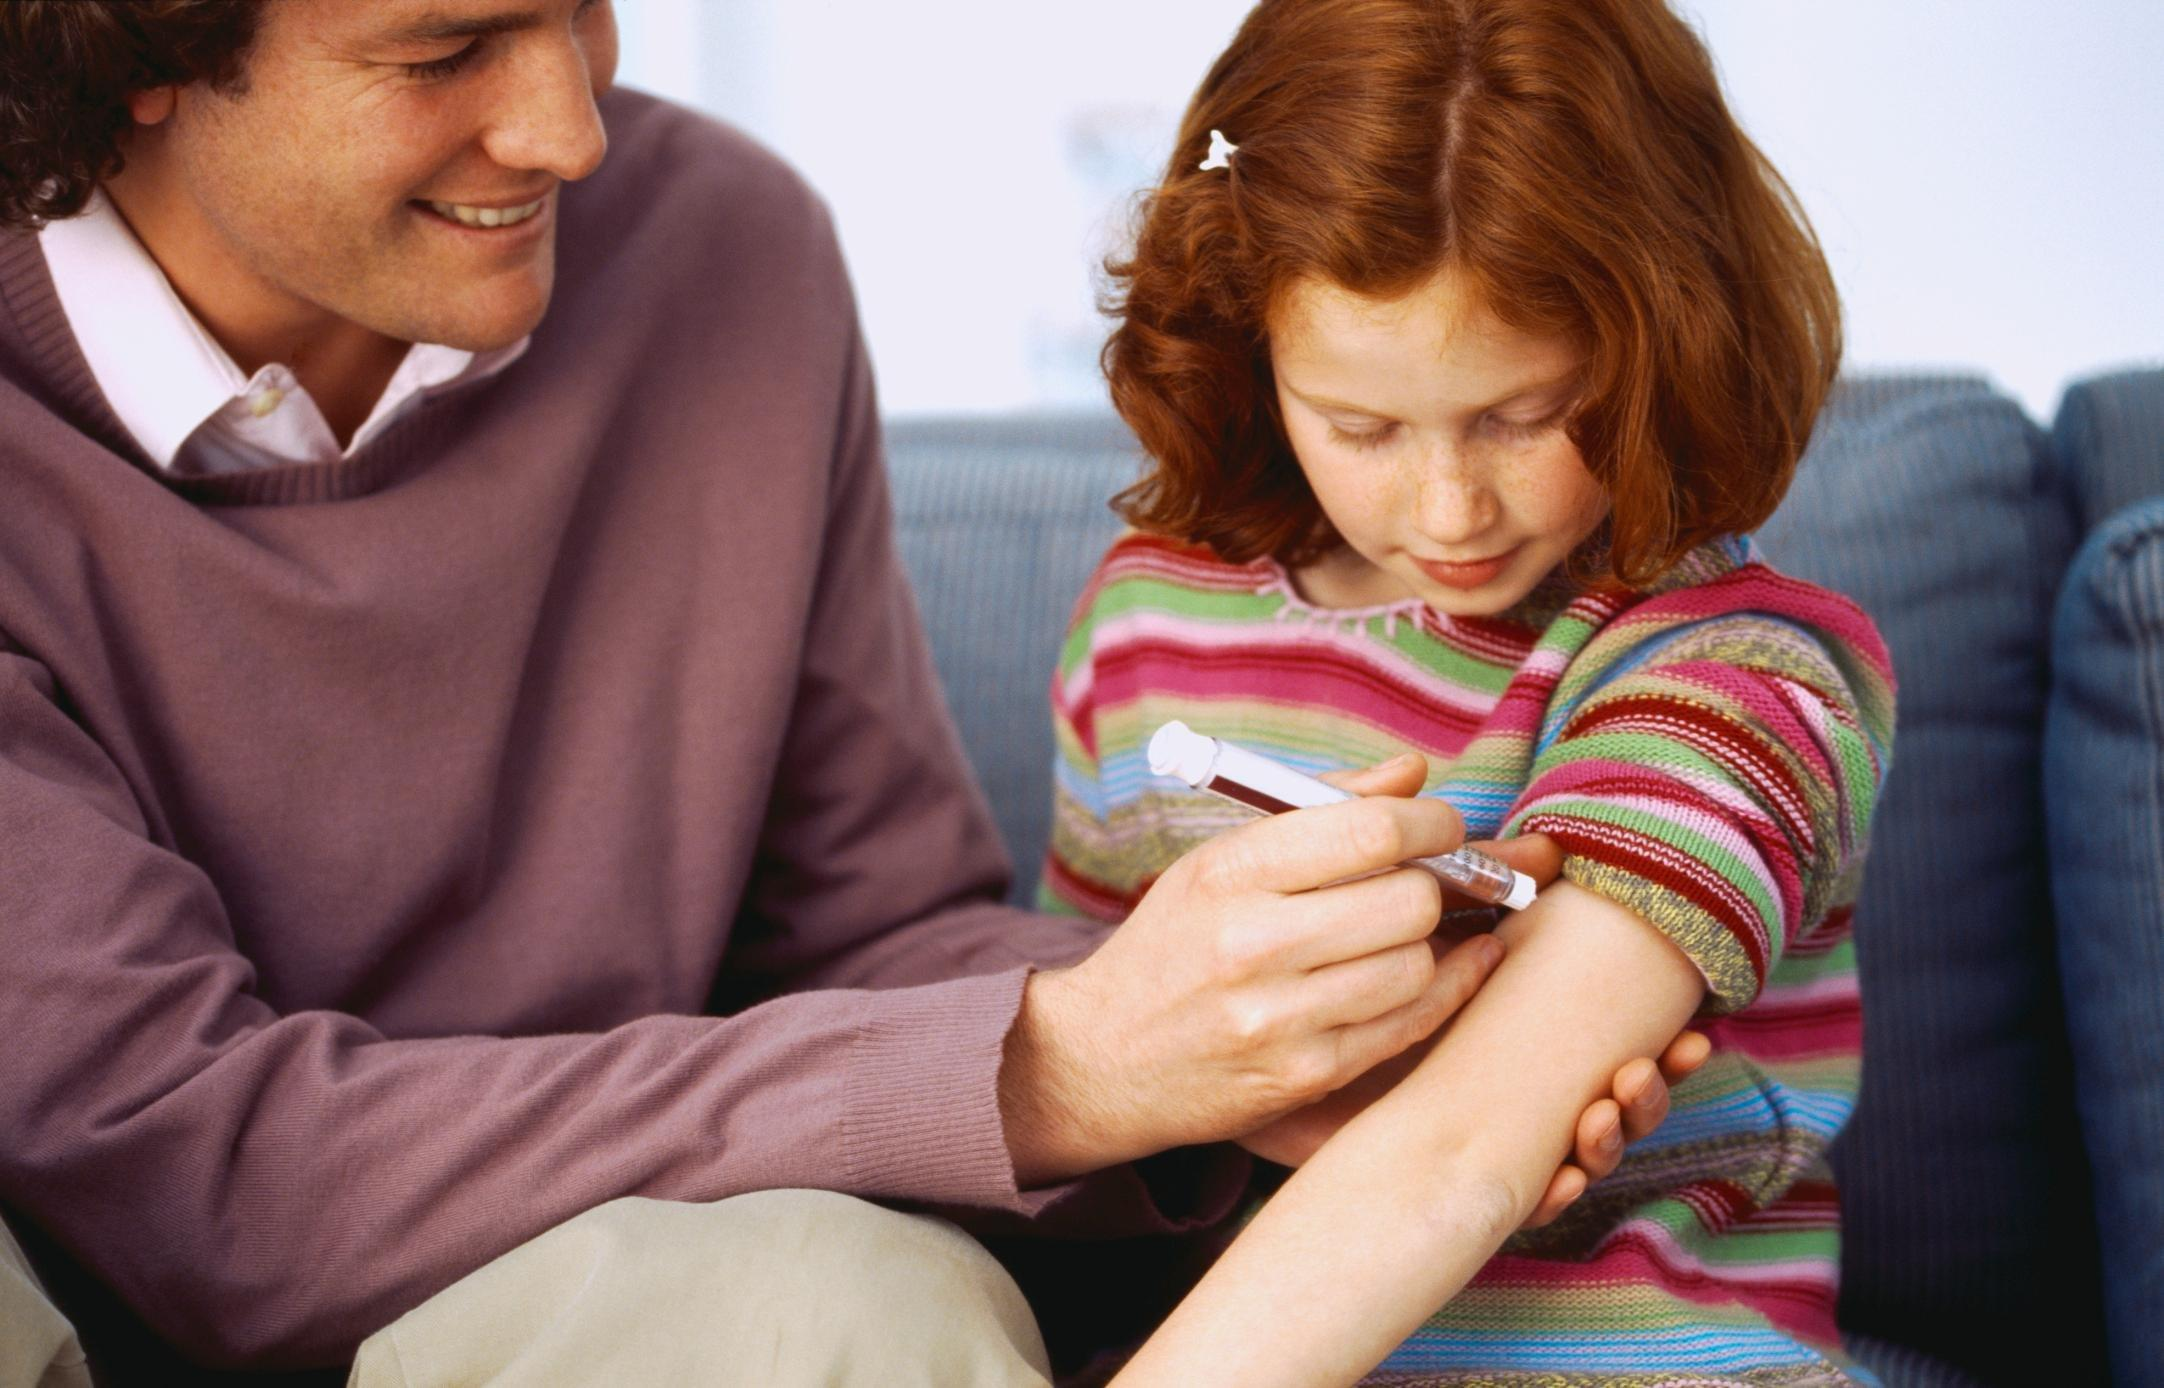 Sntomas De Diabetes Juvenil